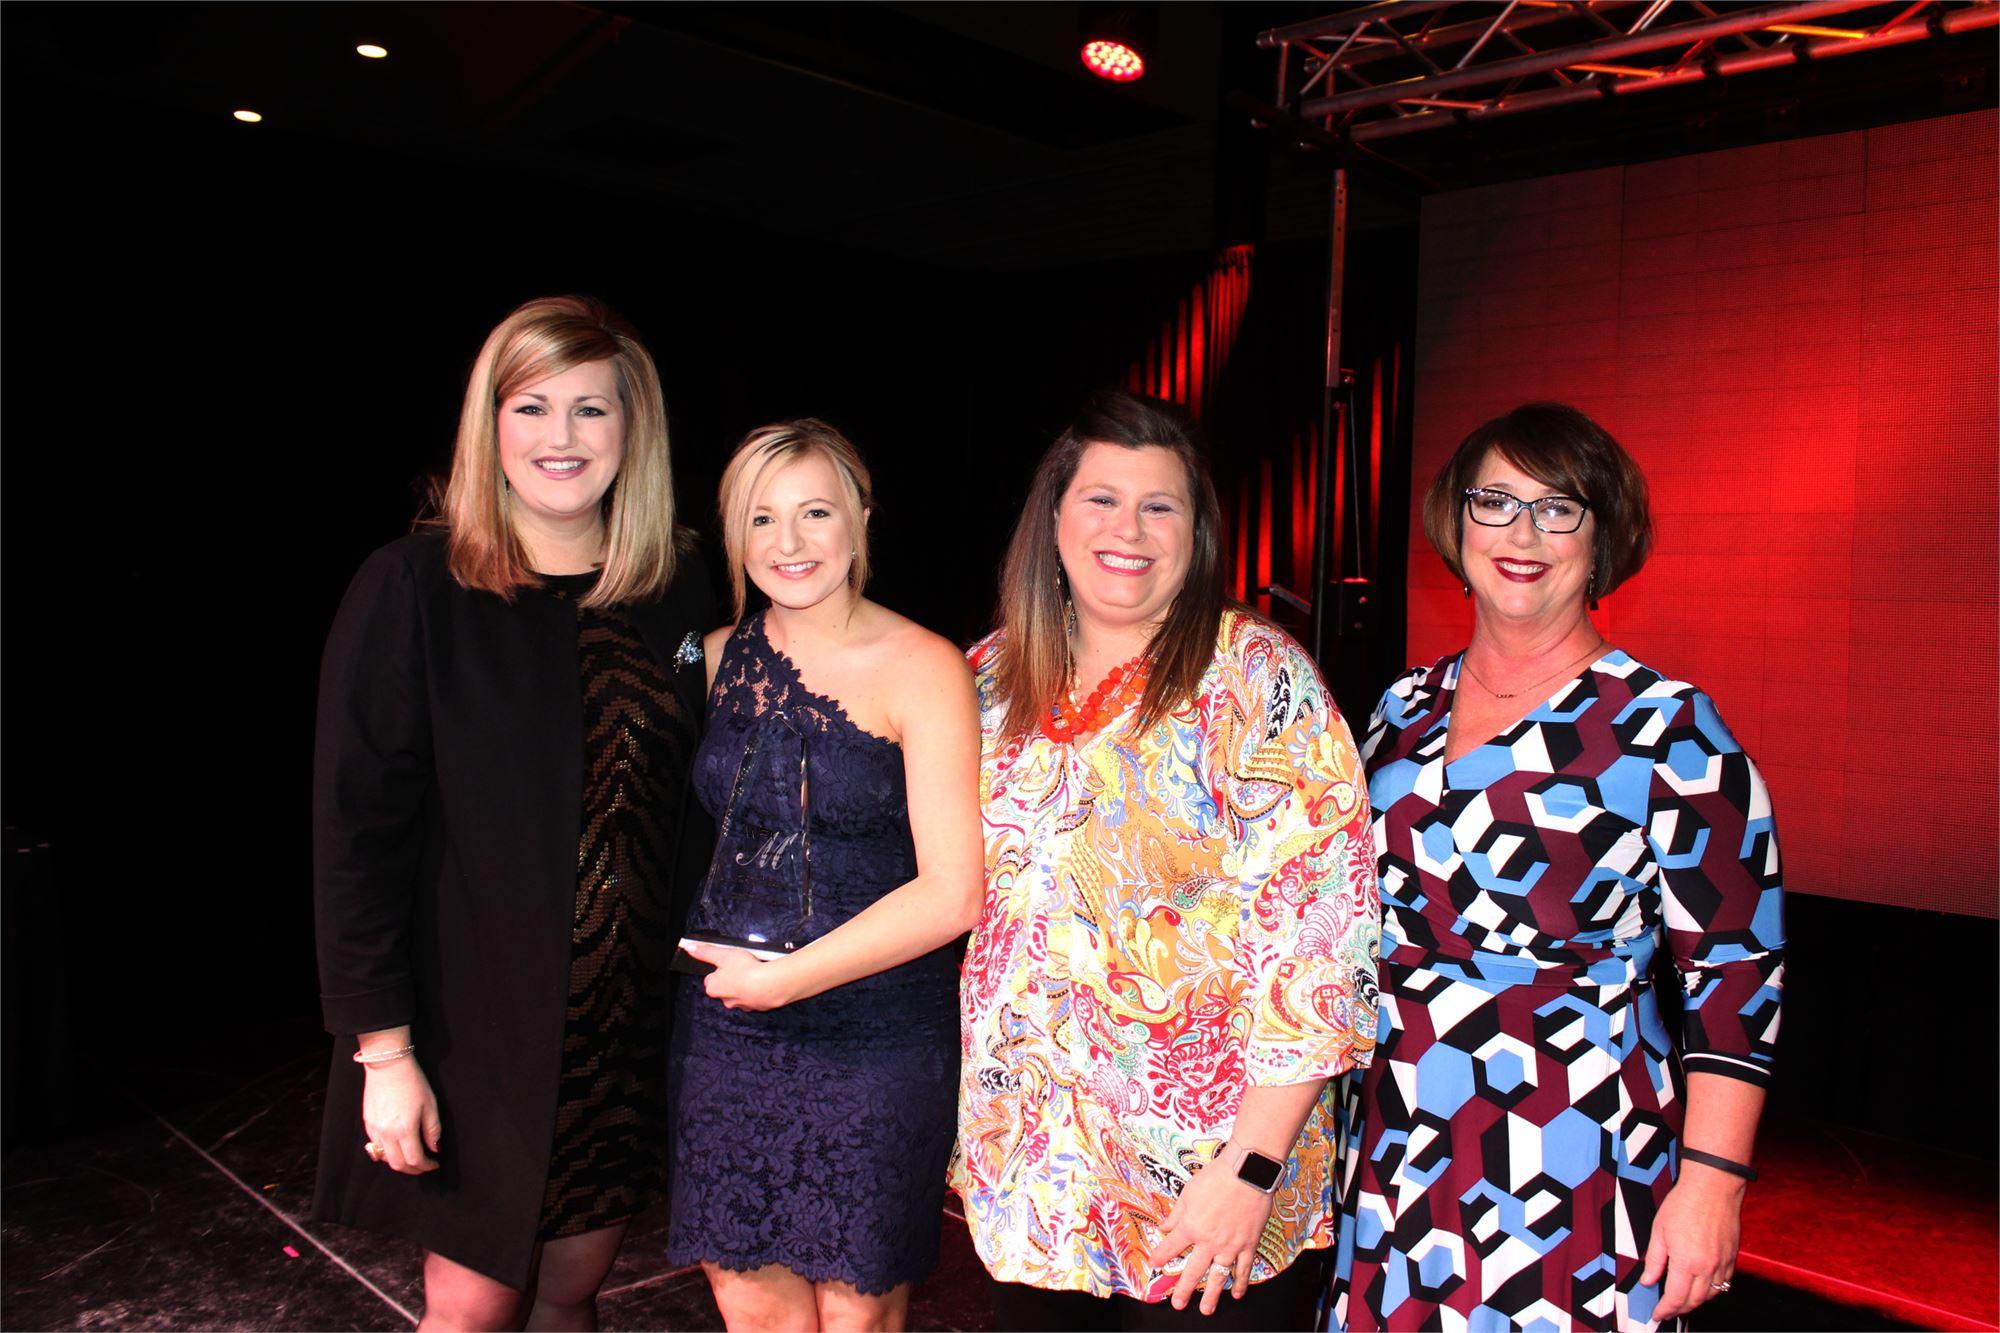 Merrill Award